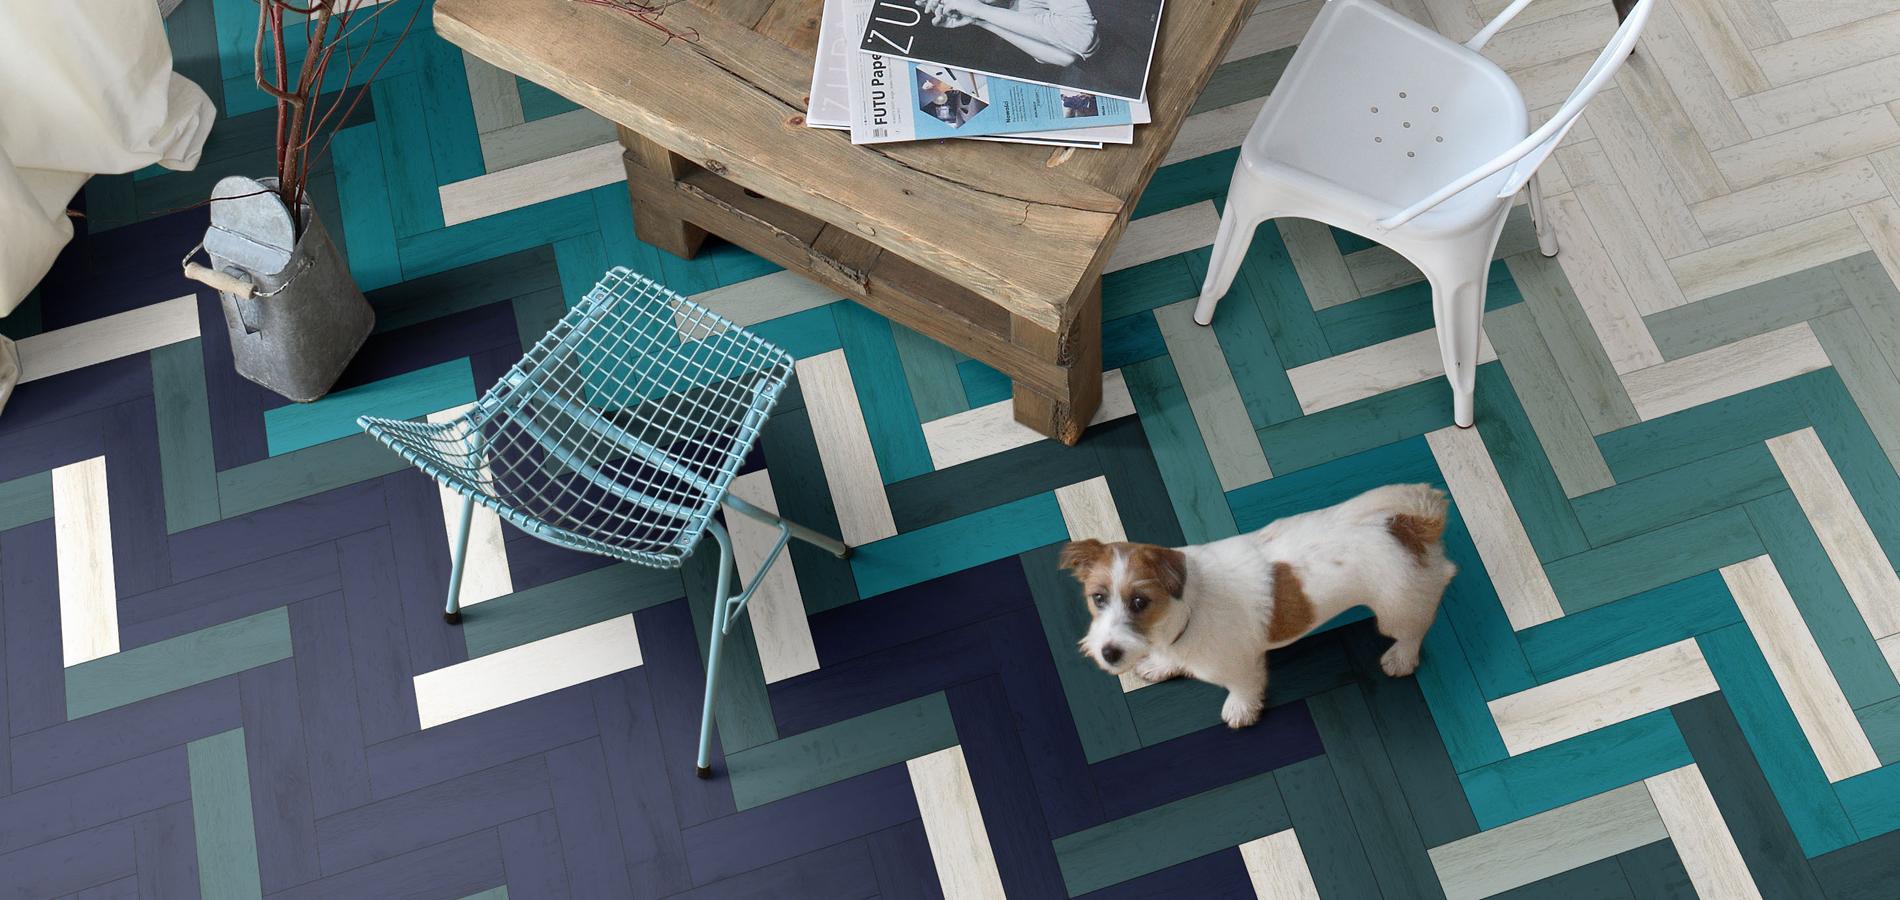 carrelage d coratif l 39 atout charme de la maison madame figaro. Black Bedroom Furniture Sets. Home Design Ideas